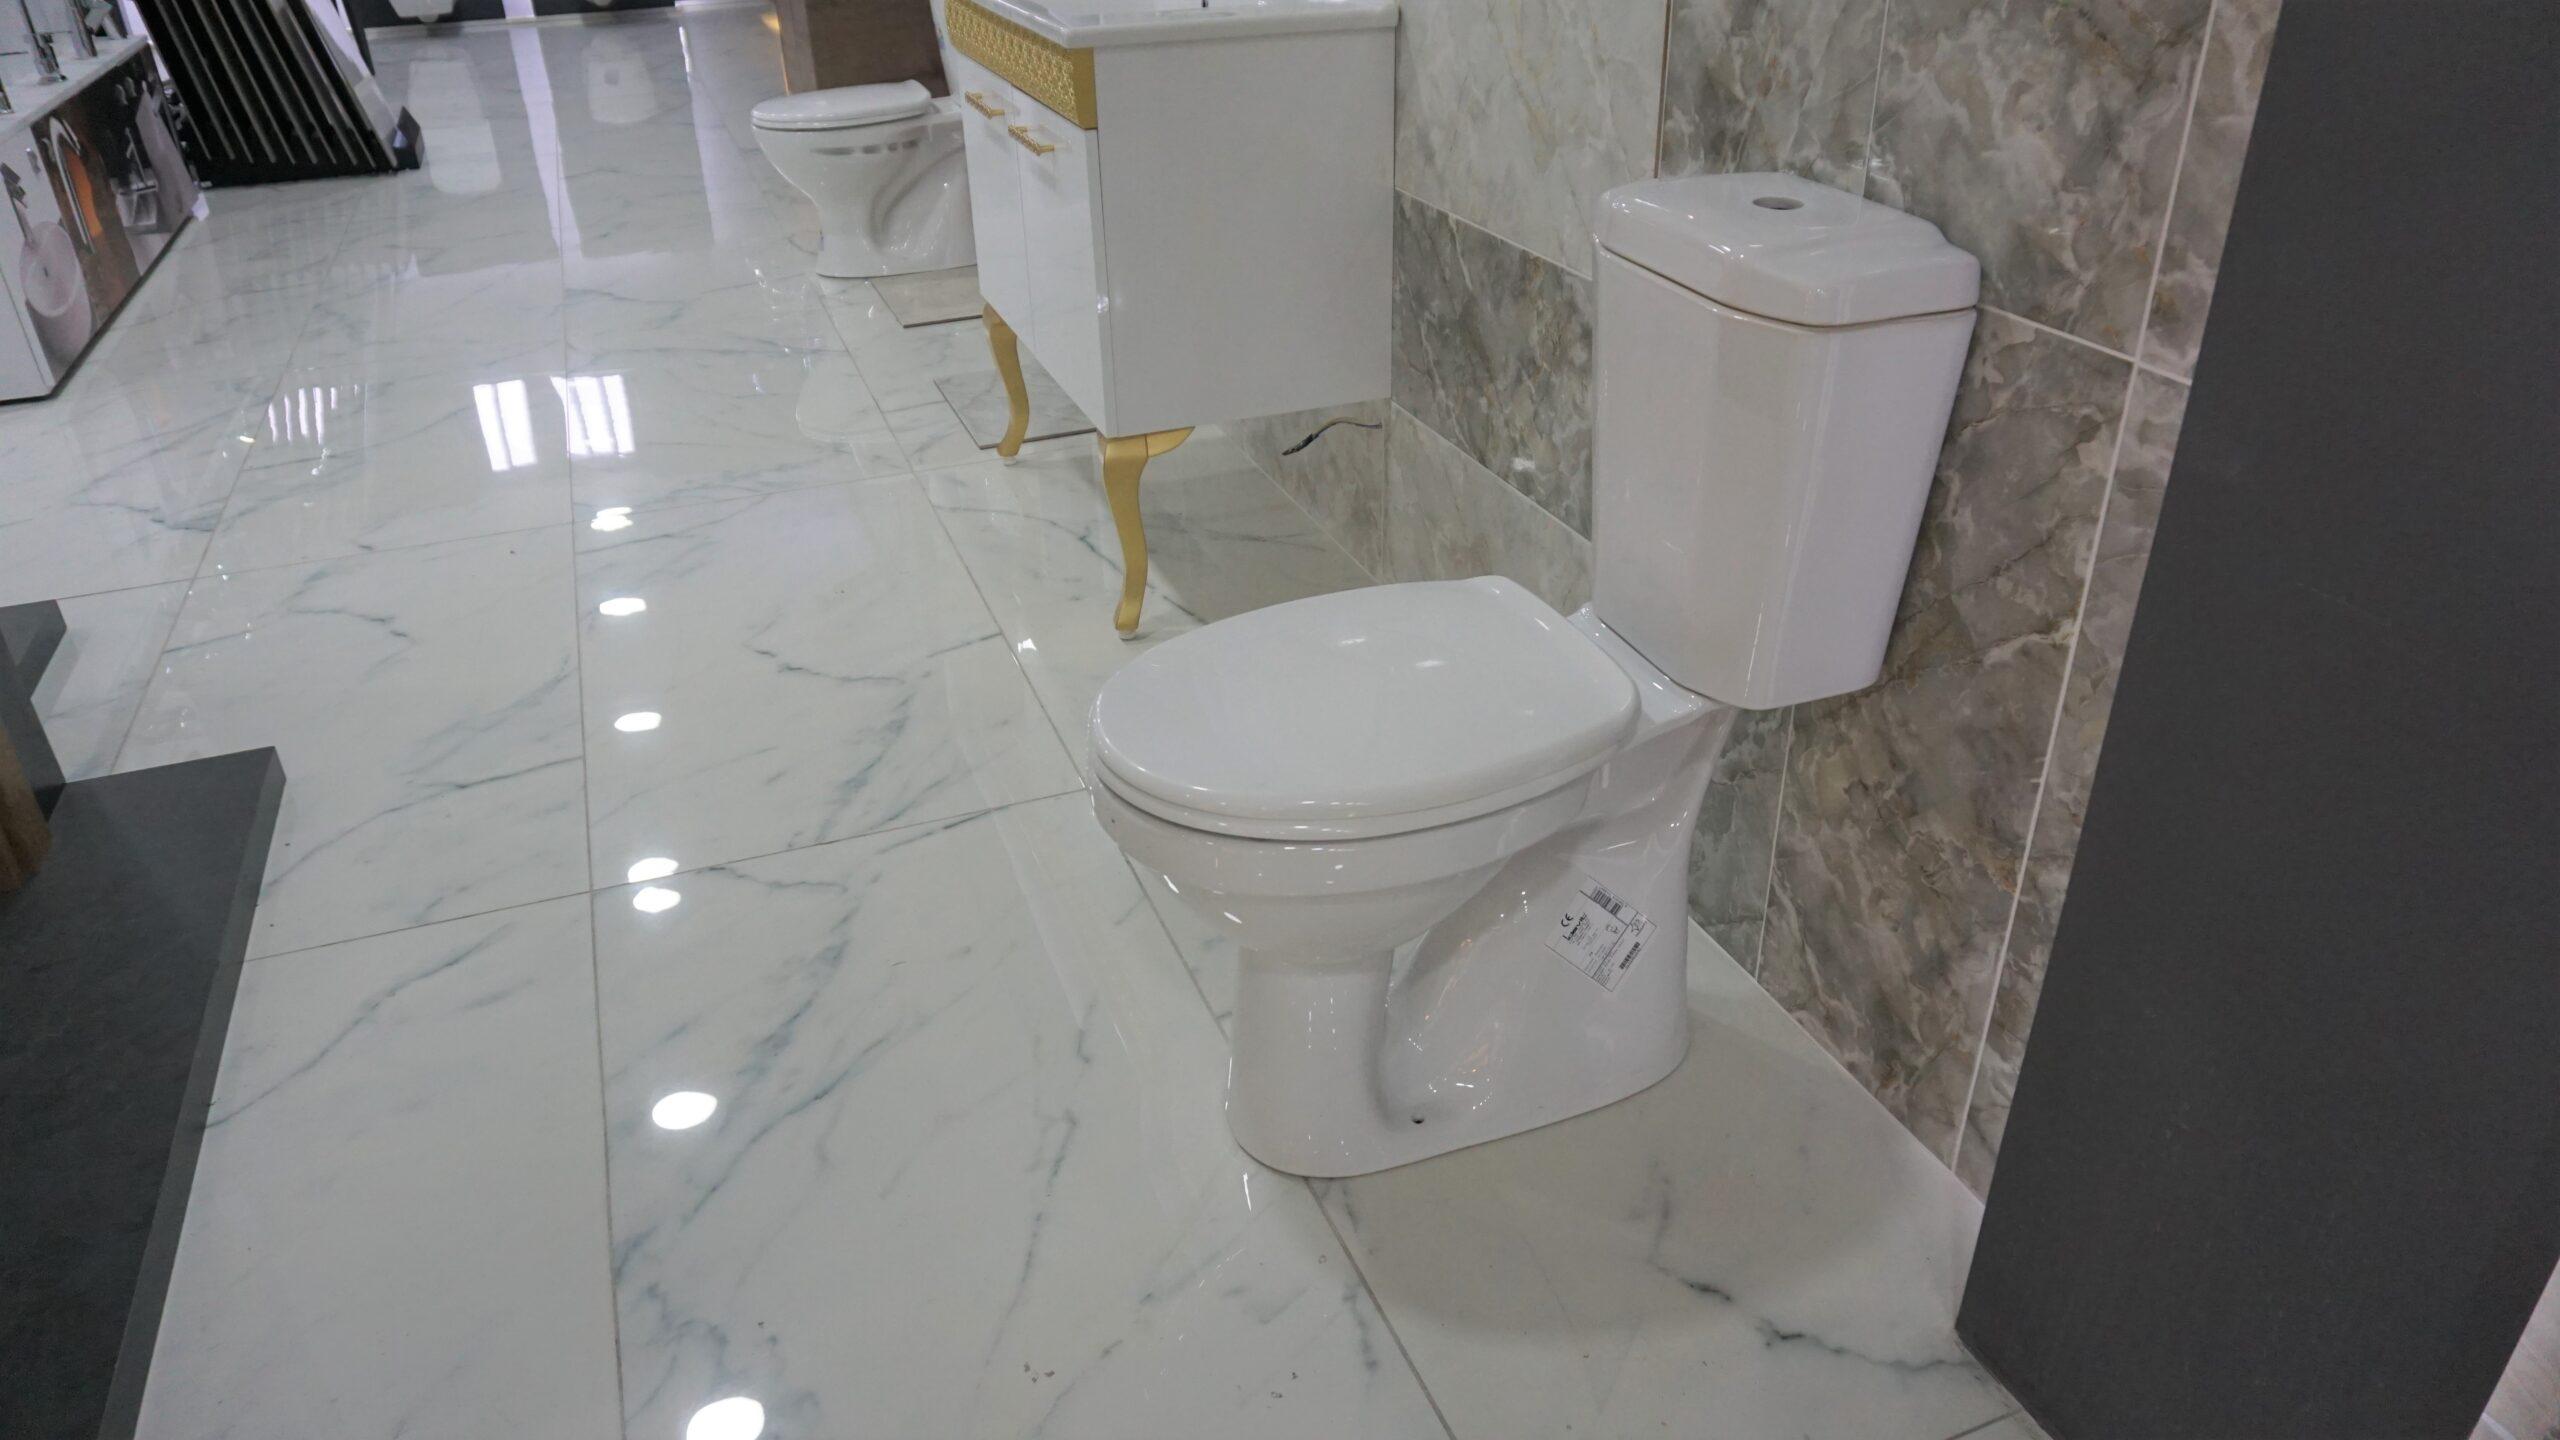 Full Size of Dusch Wc Devt Stand Bodenstehend Taharet Set Idevit Hüppe Dusche Ebenerdige Bade Kombi Bodengleiche Einbauen Begehbare Fliesen Walk In Bodenebene Schiebetür Dusche Dusch Wc